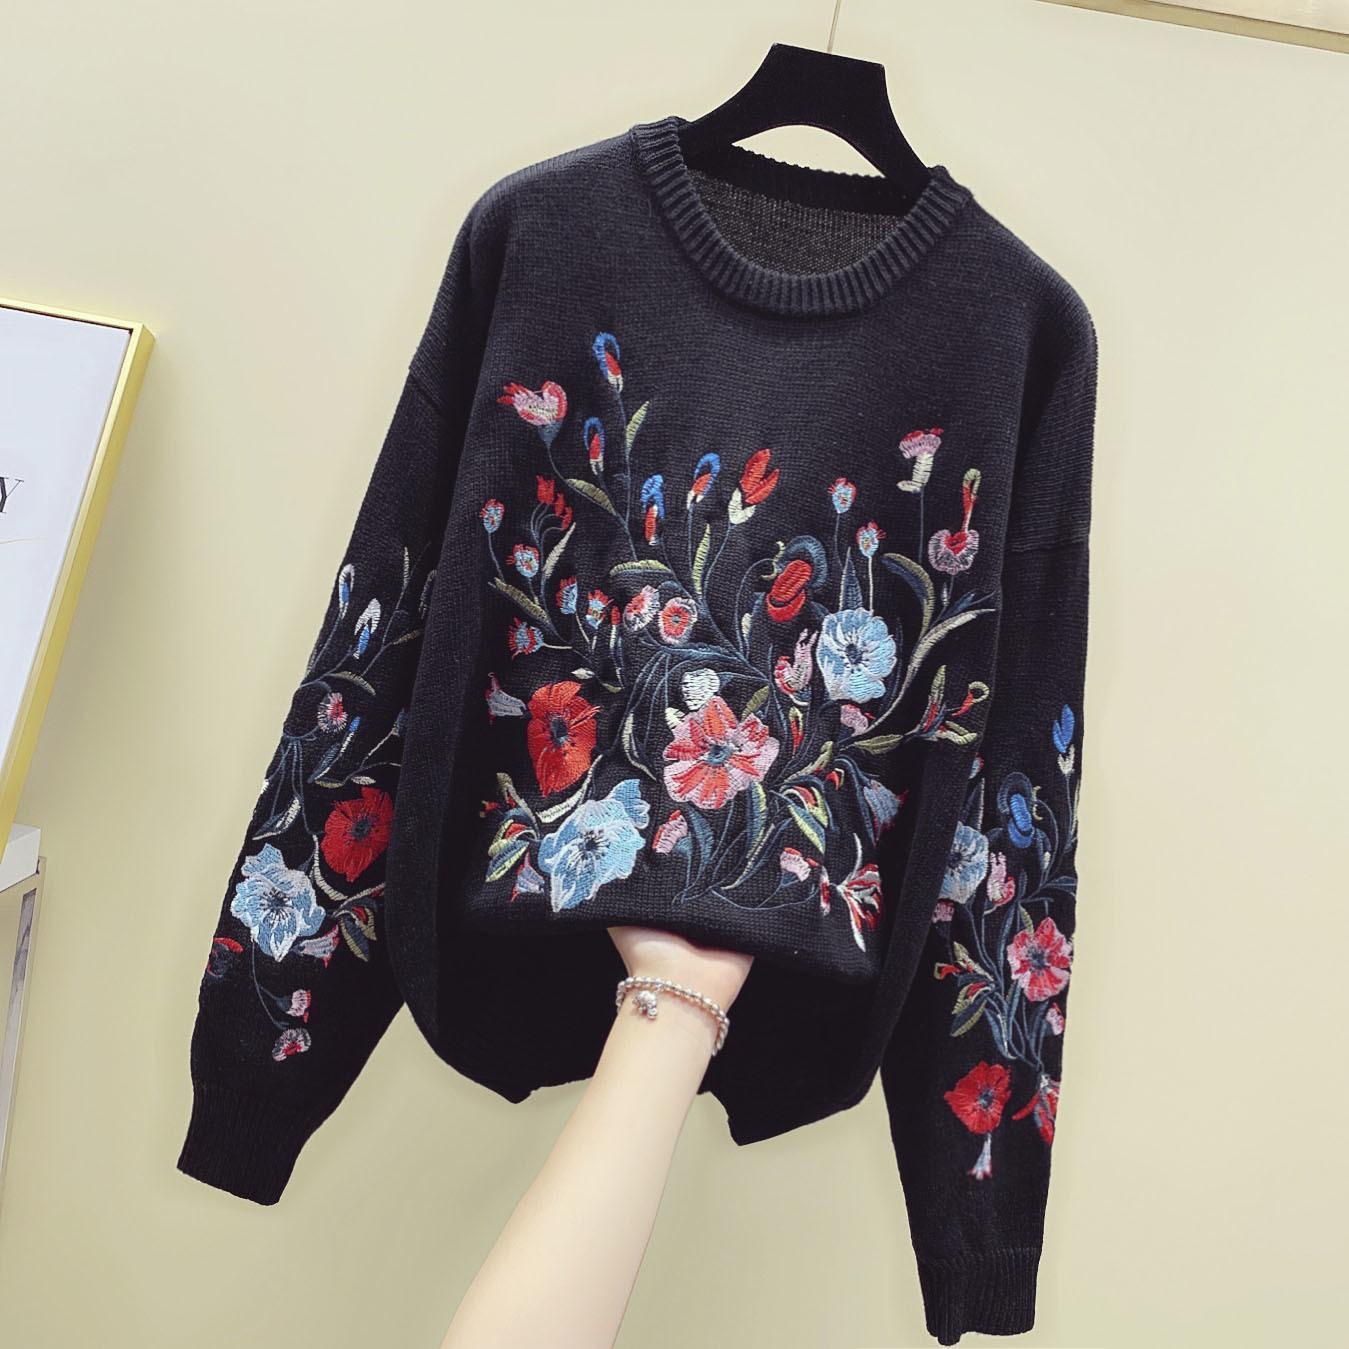 Siyah Örgü Bağbozumu Jumper Bayan Çiçek Ağır Sanayi Nakış Gevşek İnce Örme Kazak Üst Kazak Kadın İnce Swe VQ4D